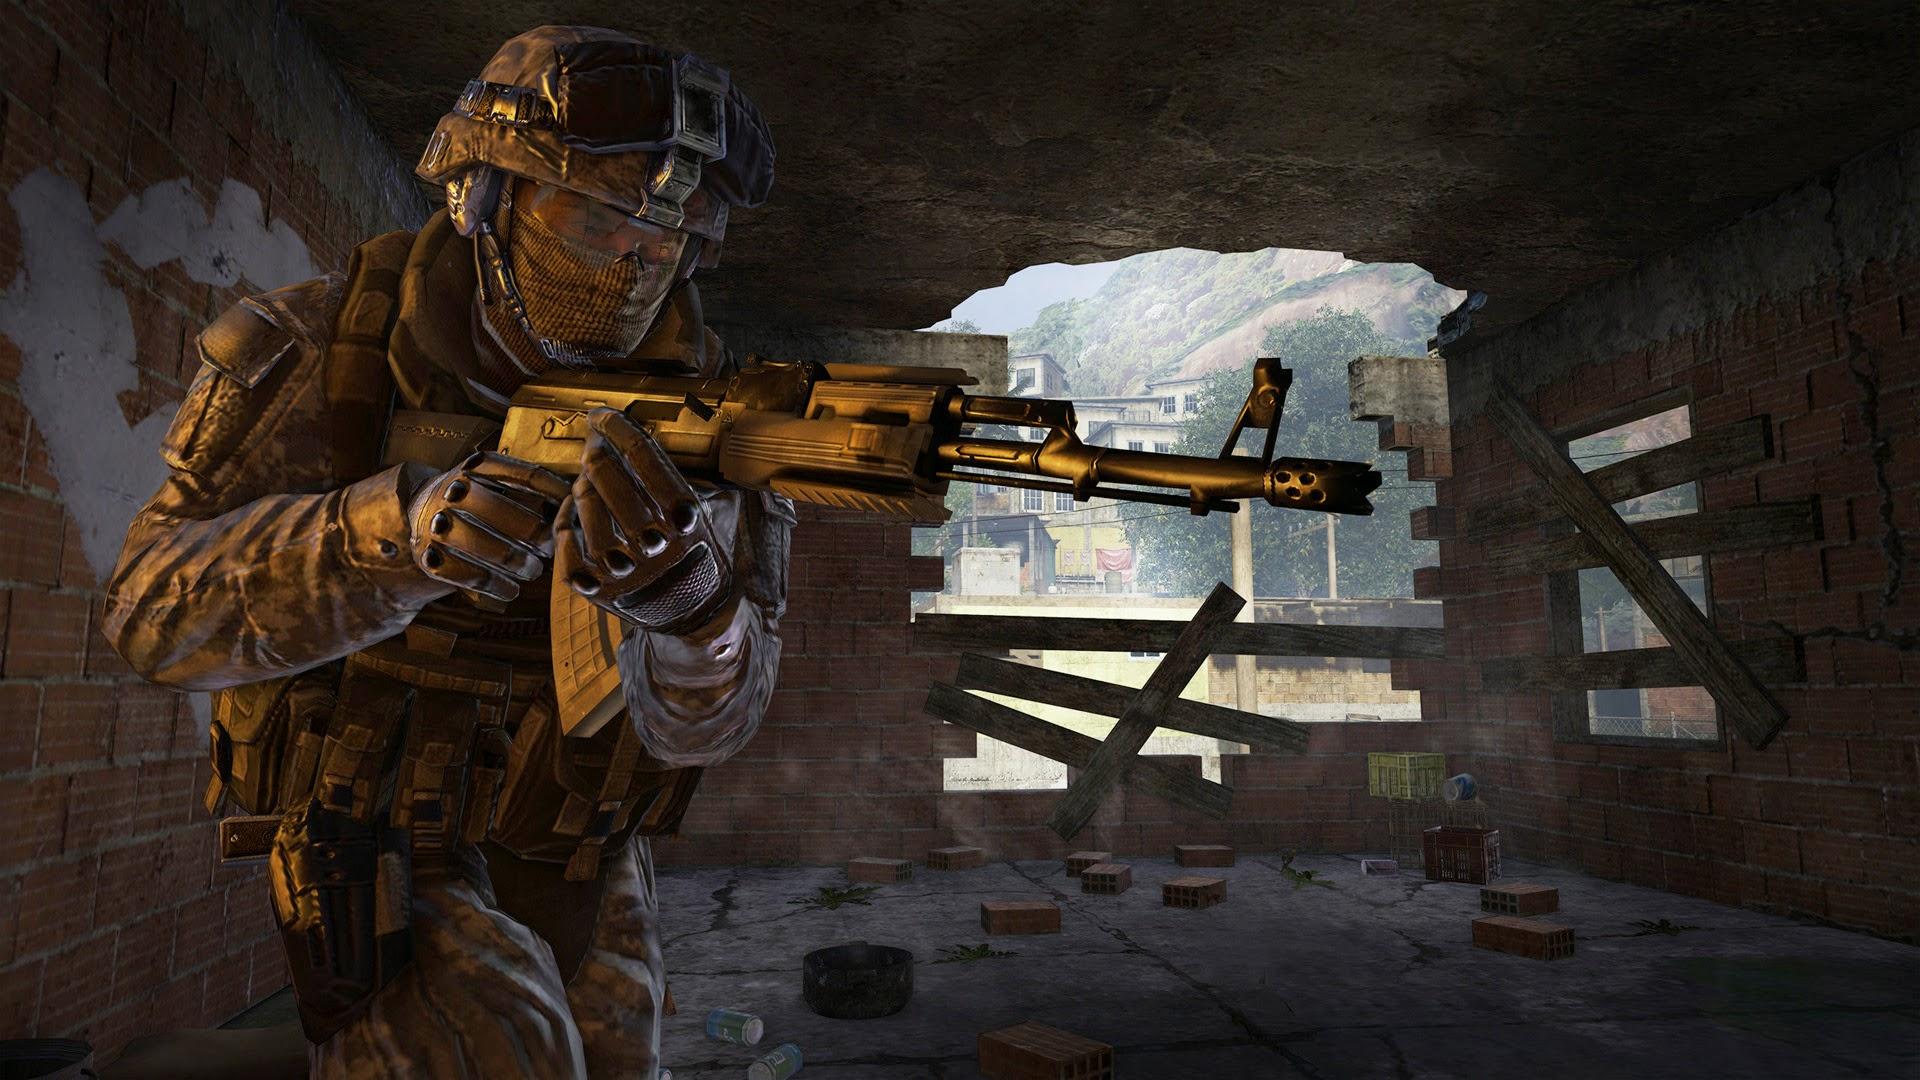 Loạt ảnh tuyệt đẹp của Call of Duty Online - Ảnh 4